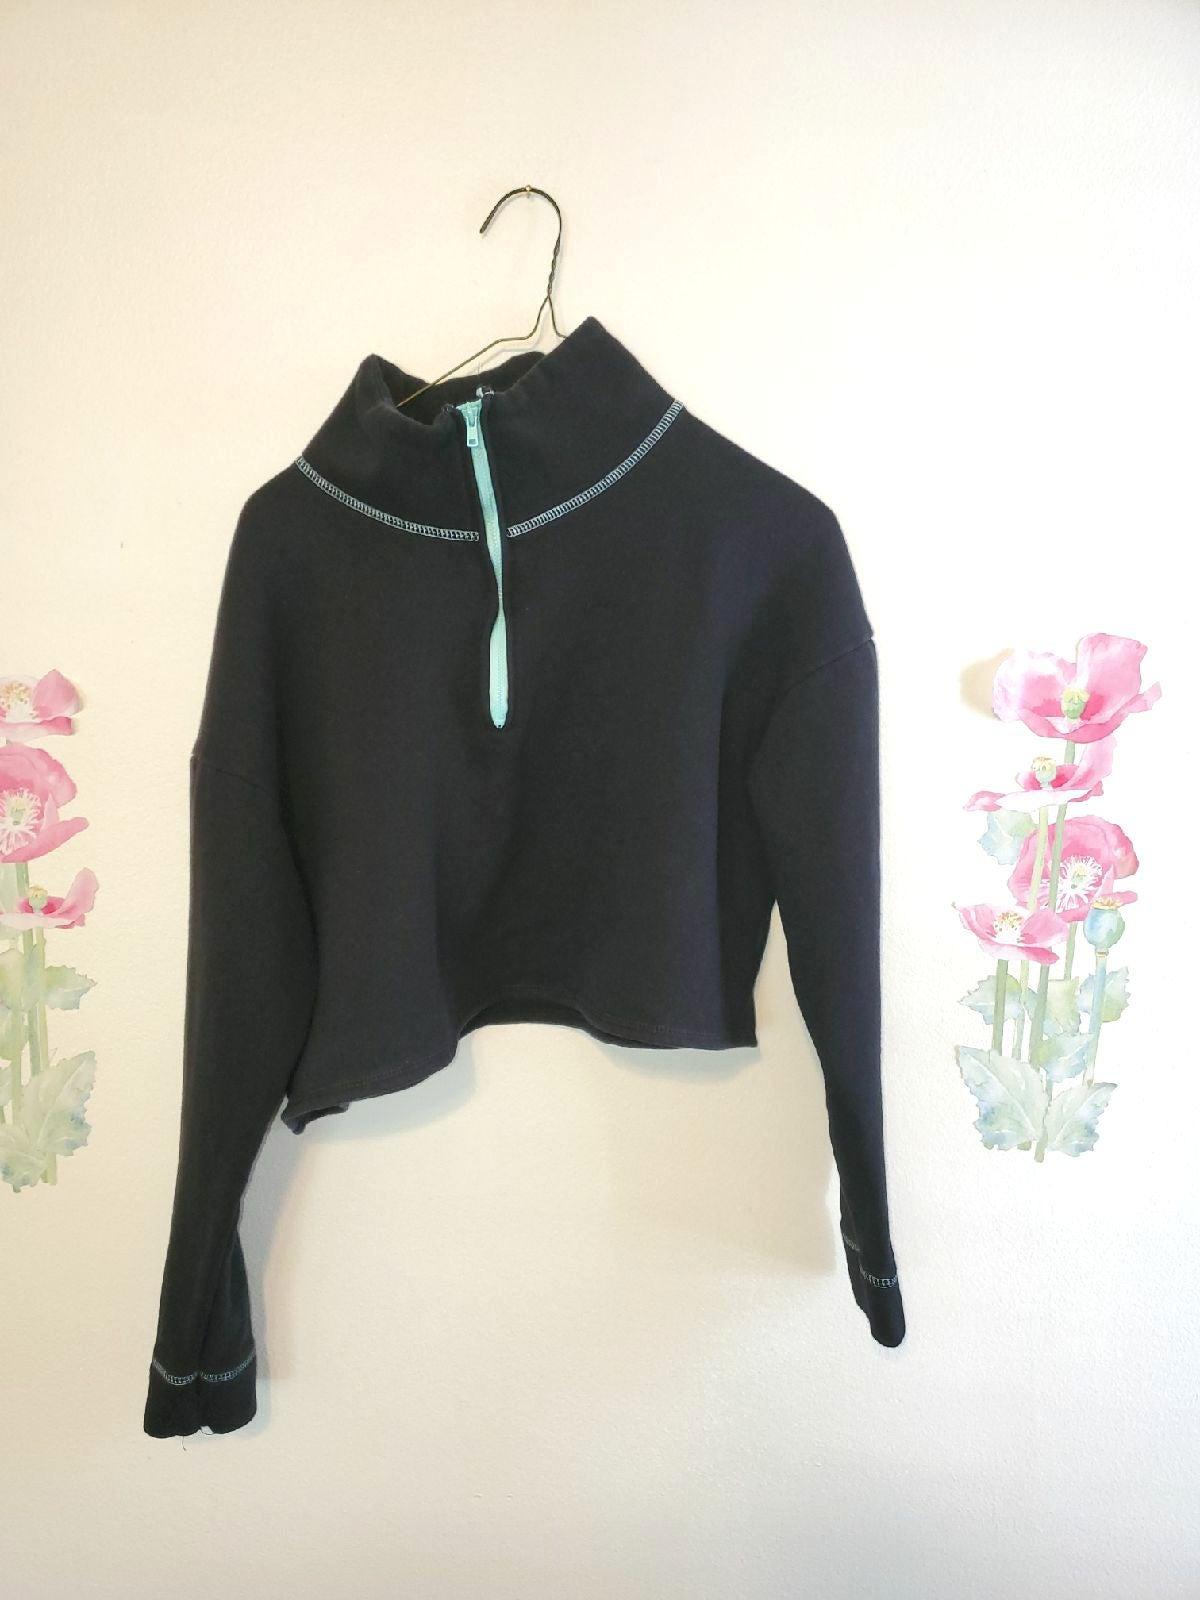 Crop top women's sweater/black/M.